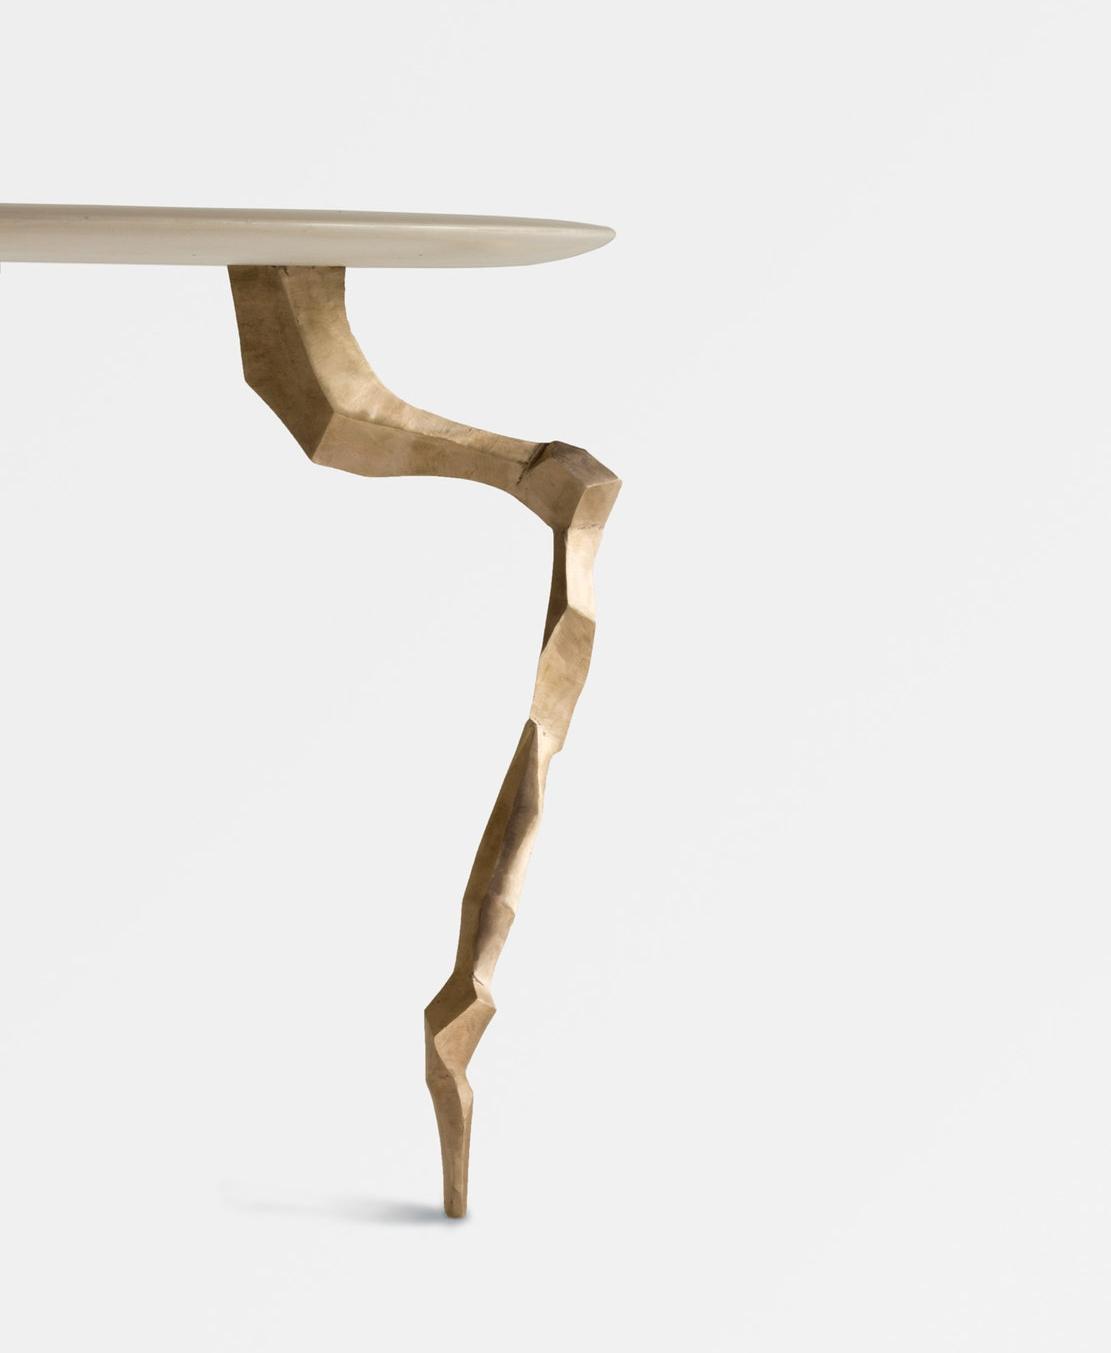 Home-5-JAK-Creature-Tables-retouch-041-071-June-2018.jpg